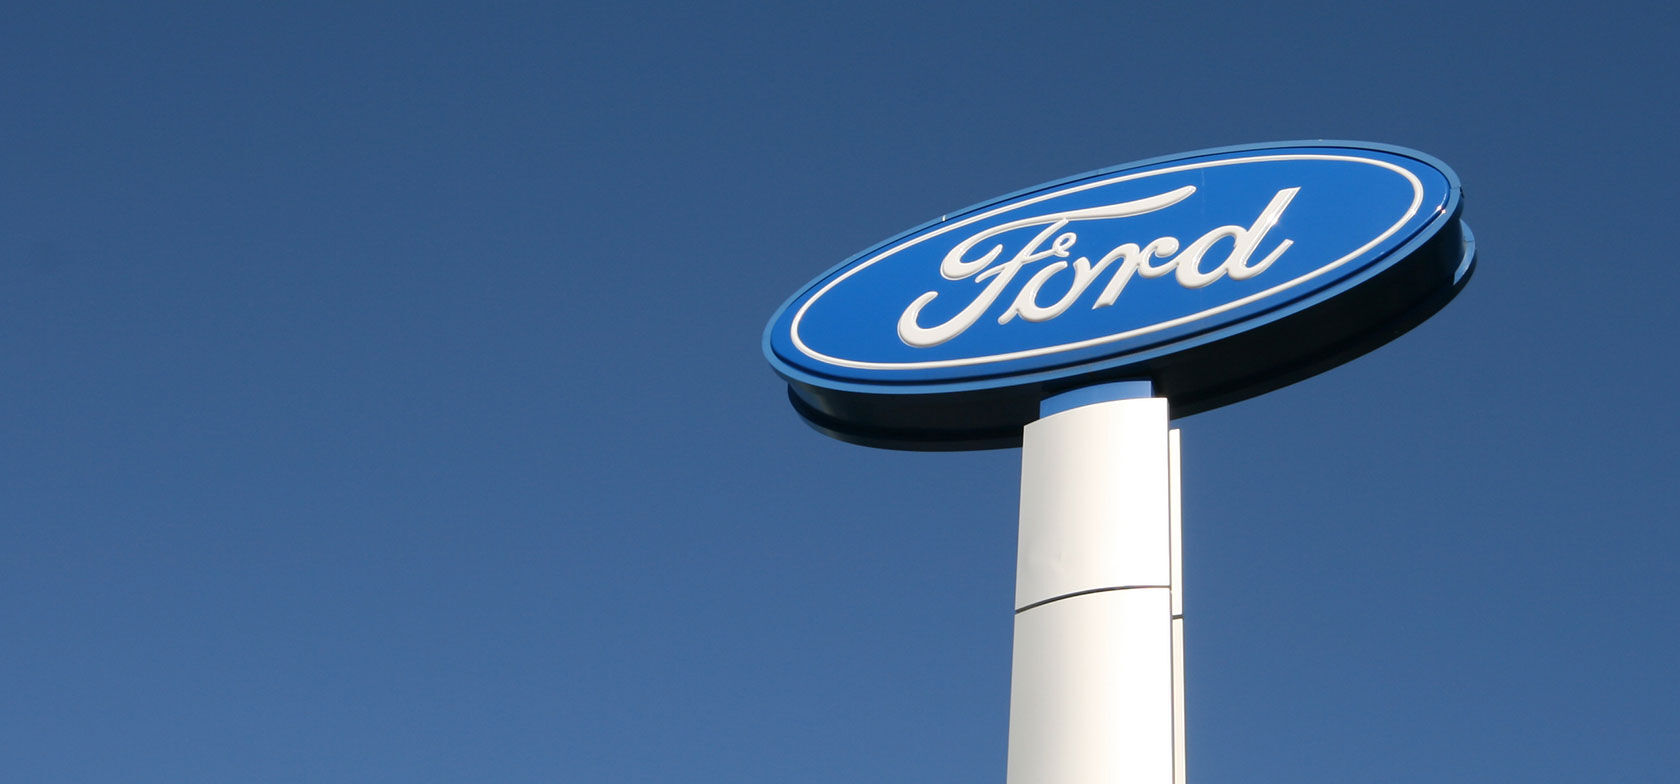 Autokeskus ostaa Tampereen Ford-liiketoiminnot Veholta